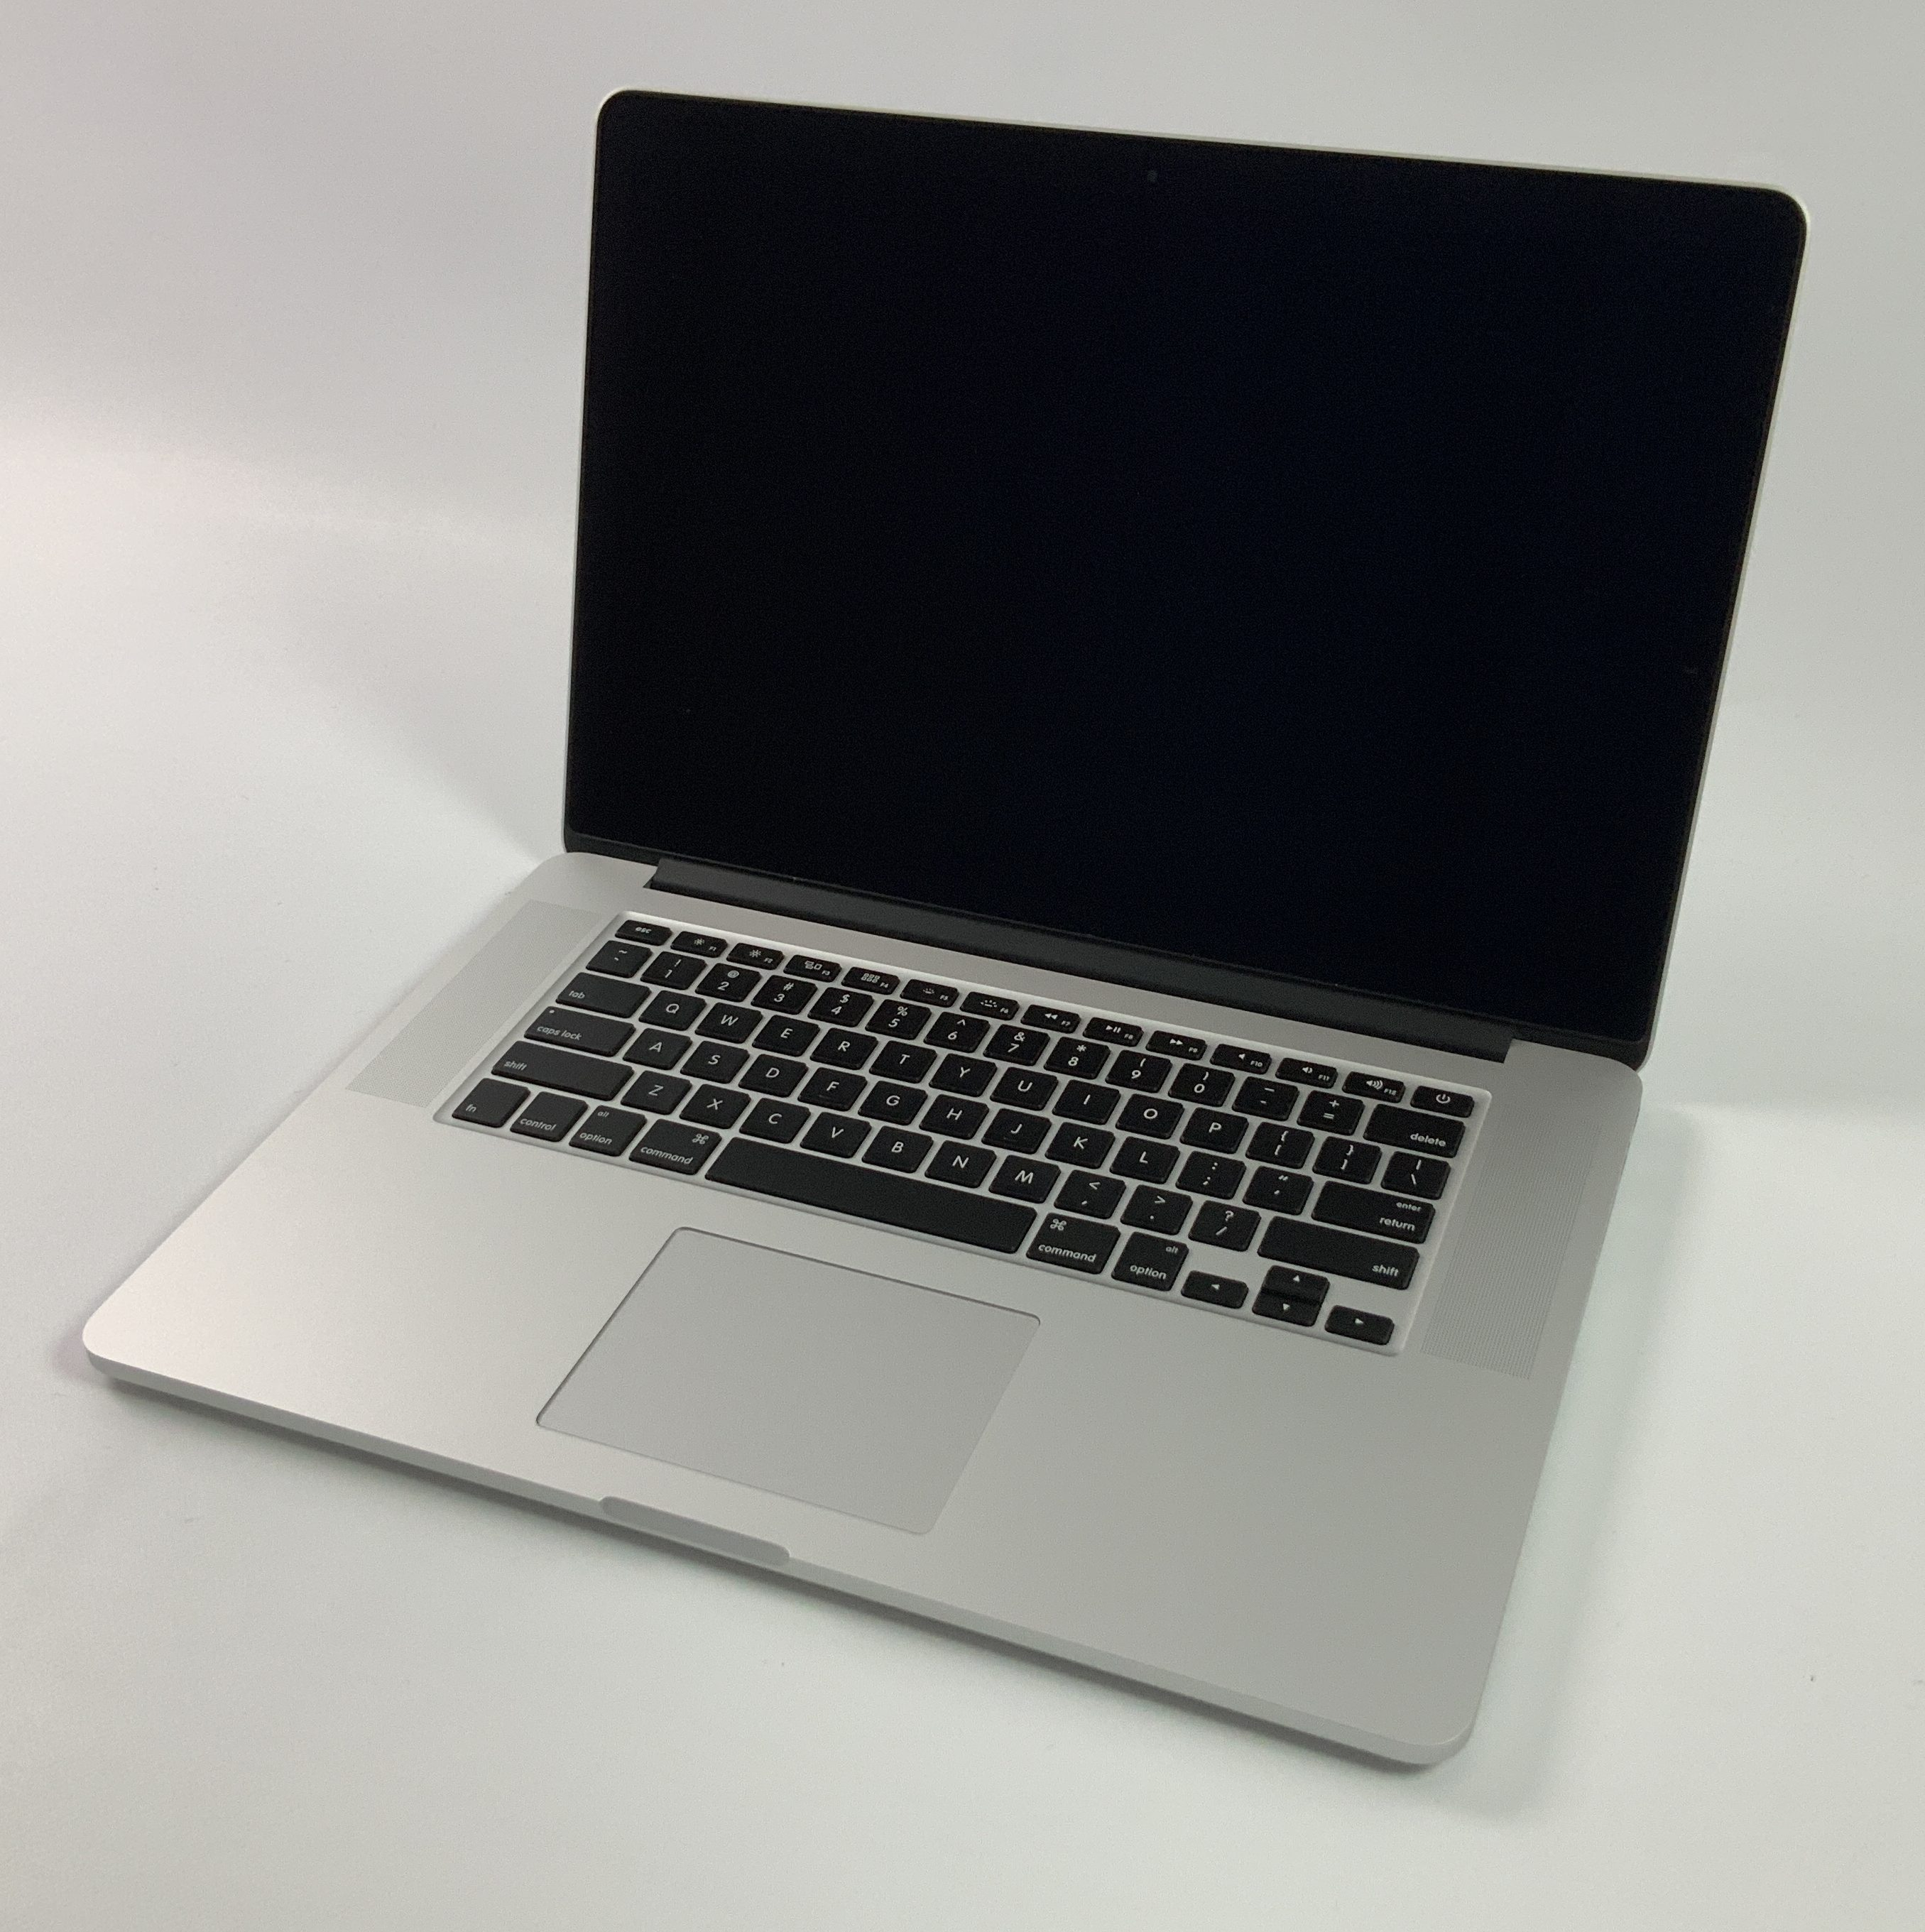 """MacBook Pro Retina 15"""" Mid 2015 (Intel Quad-Core i7 2.2 GHz 16 GB RAM 256 GB SSD), Intel Quad-Core i7 2.2 GHz, 16 GB RAM, 256 GB SSD, immagine 1"""